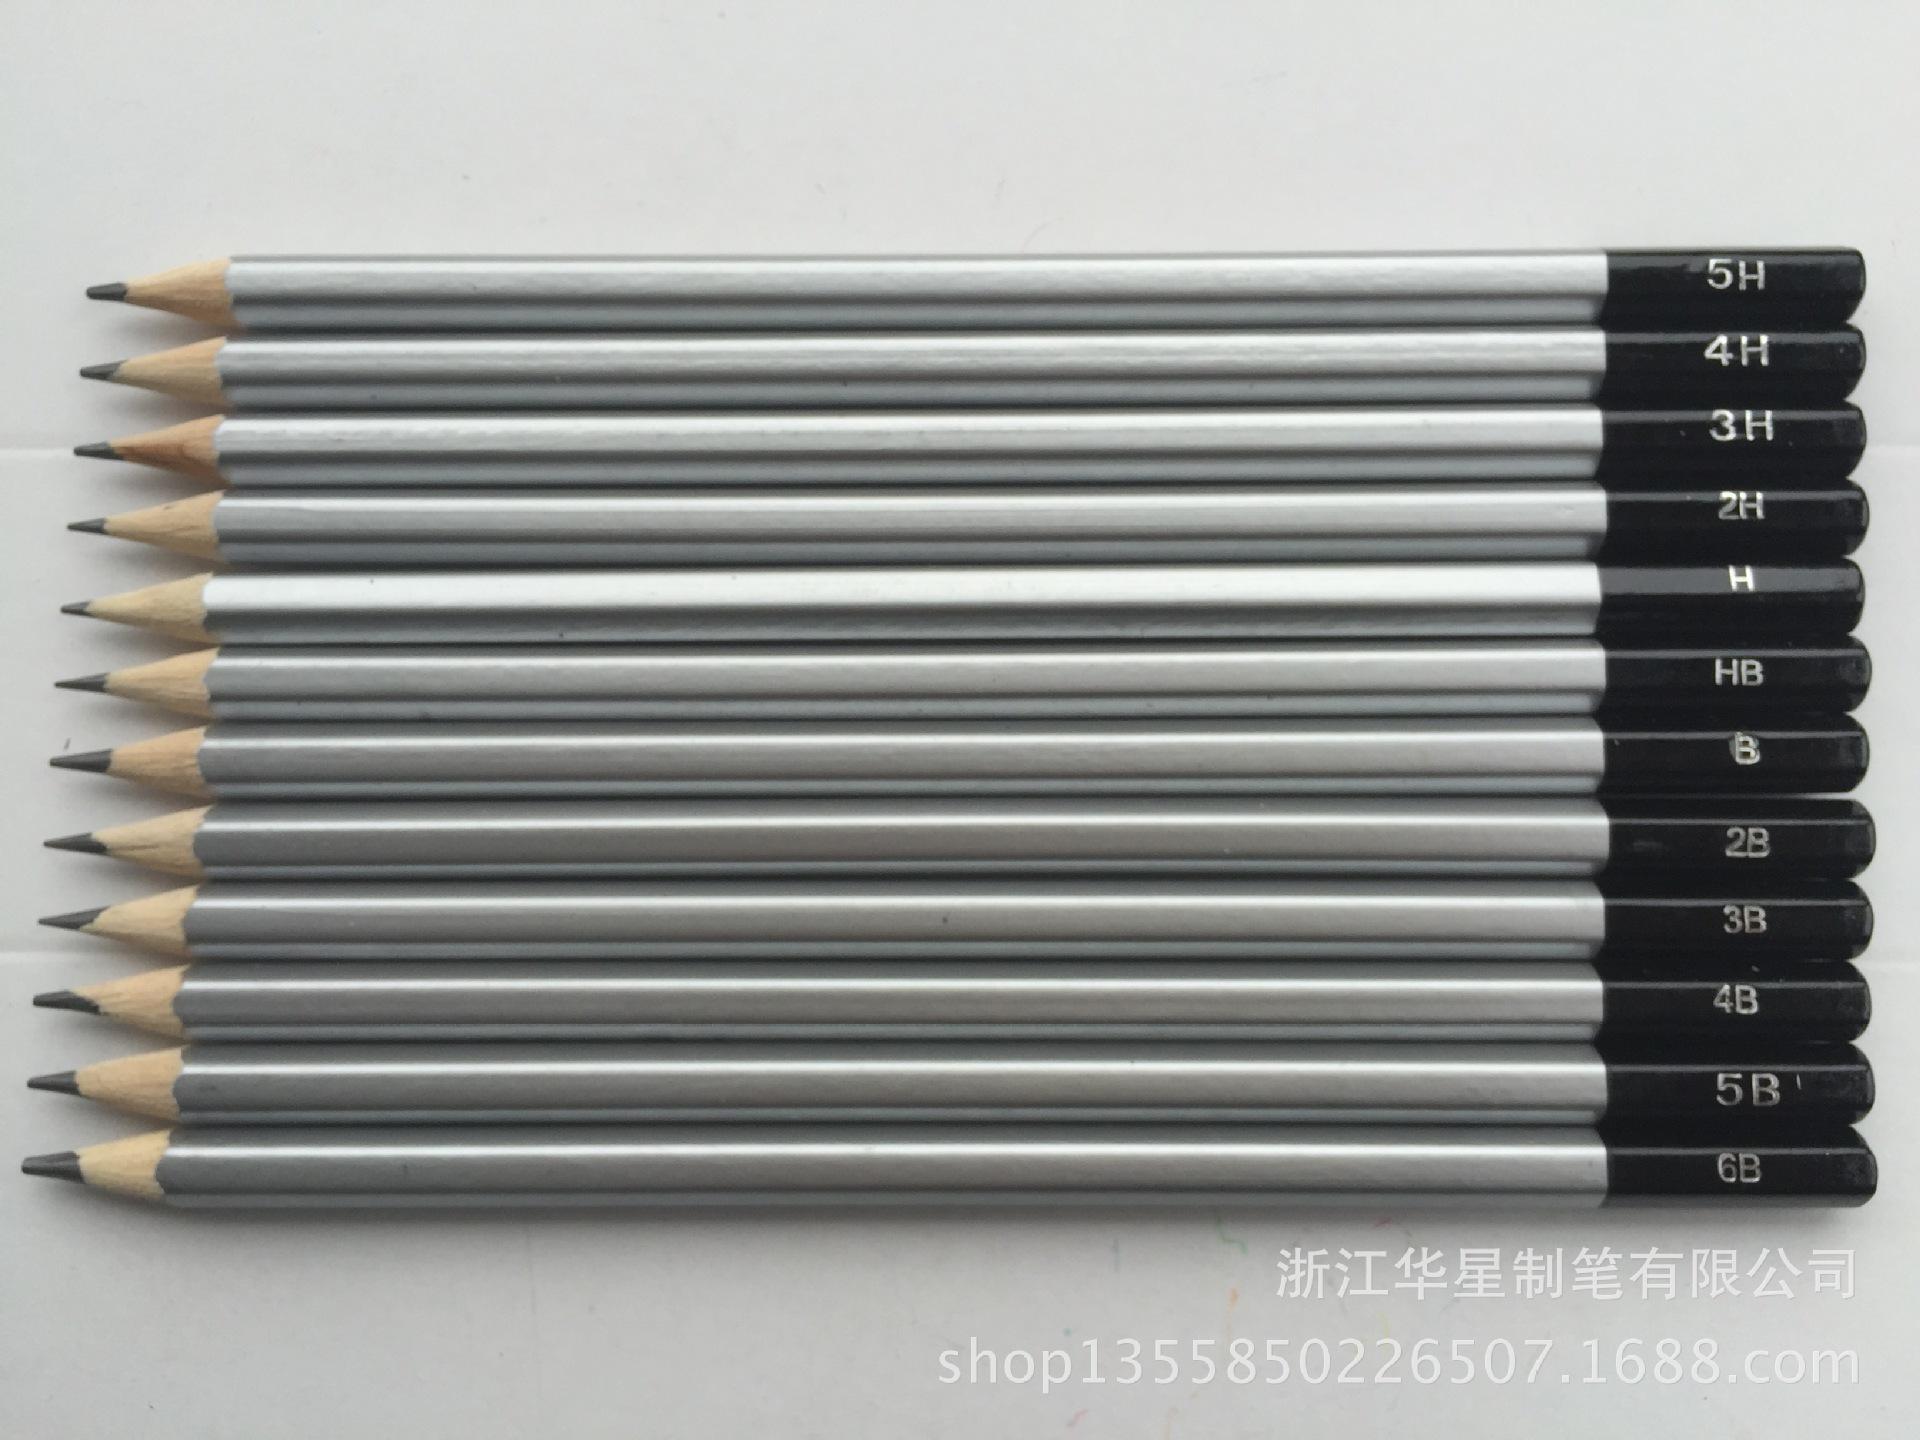 華星沾頭5H-6B鉛筆 ***繪畫鉛筆 廠家***